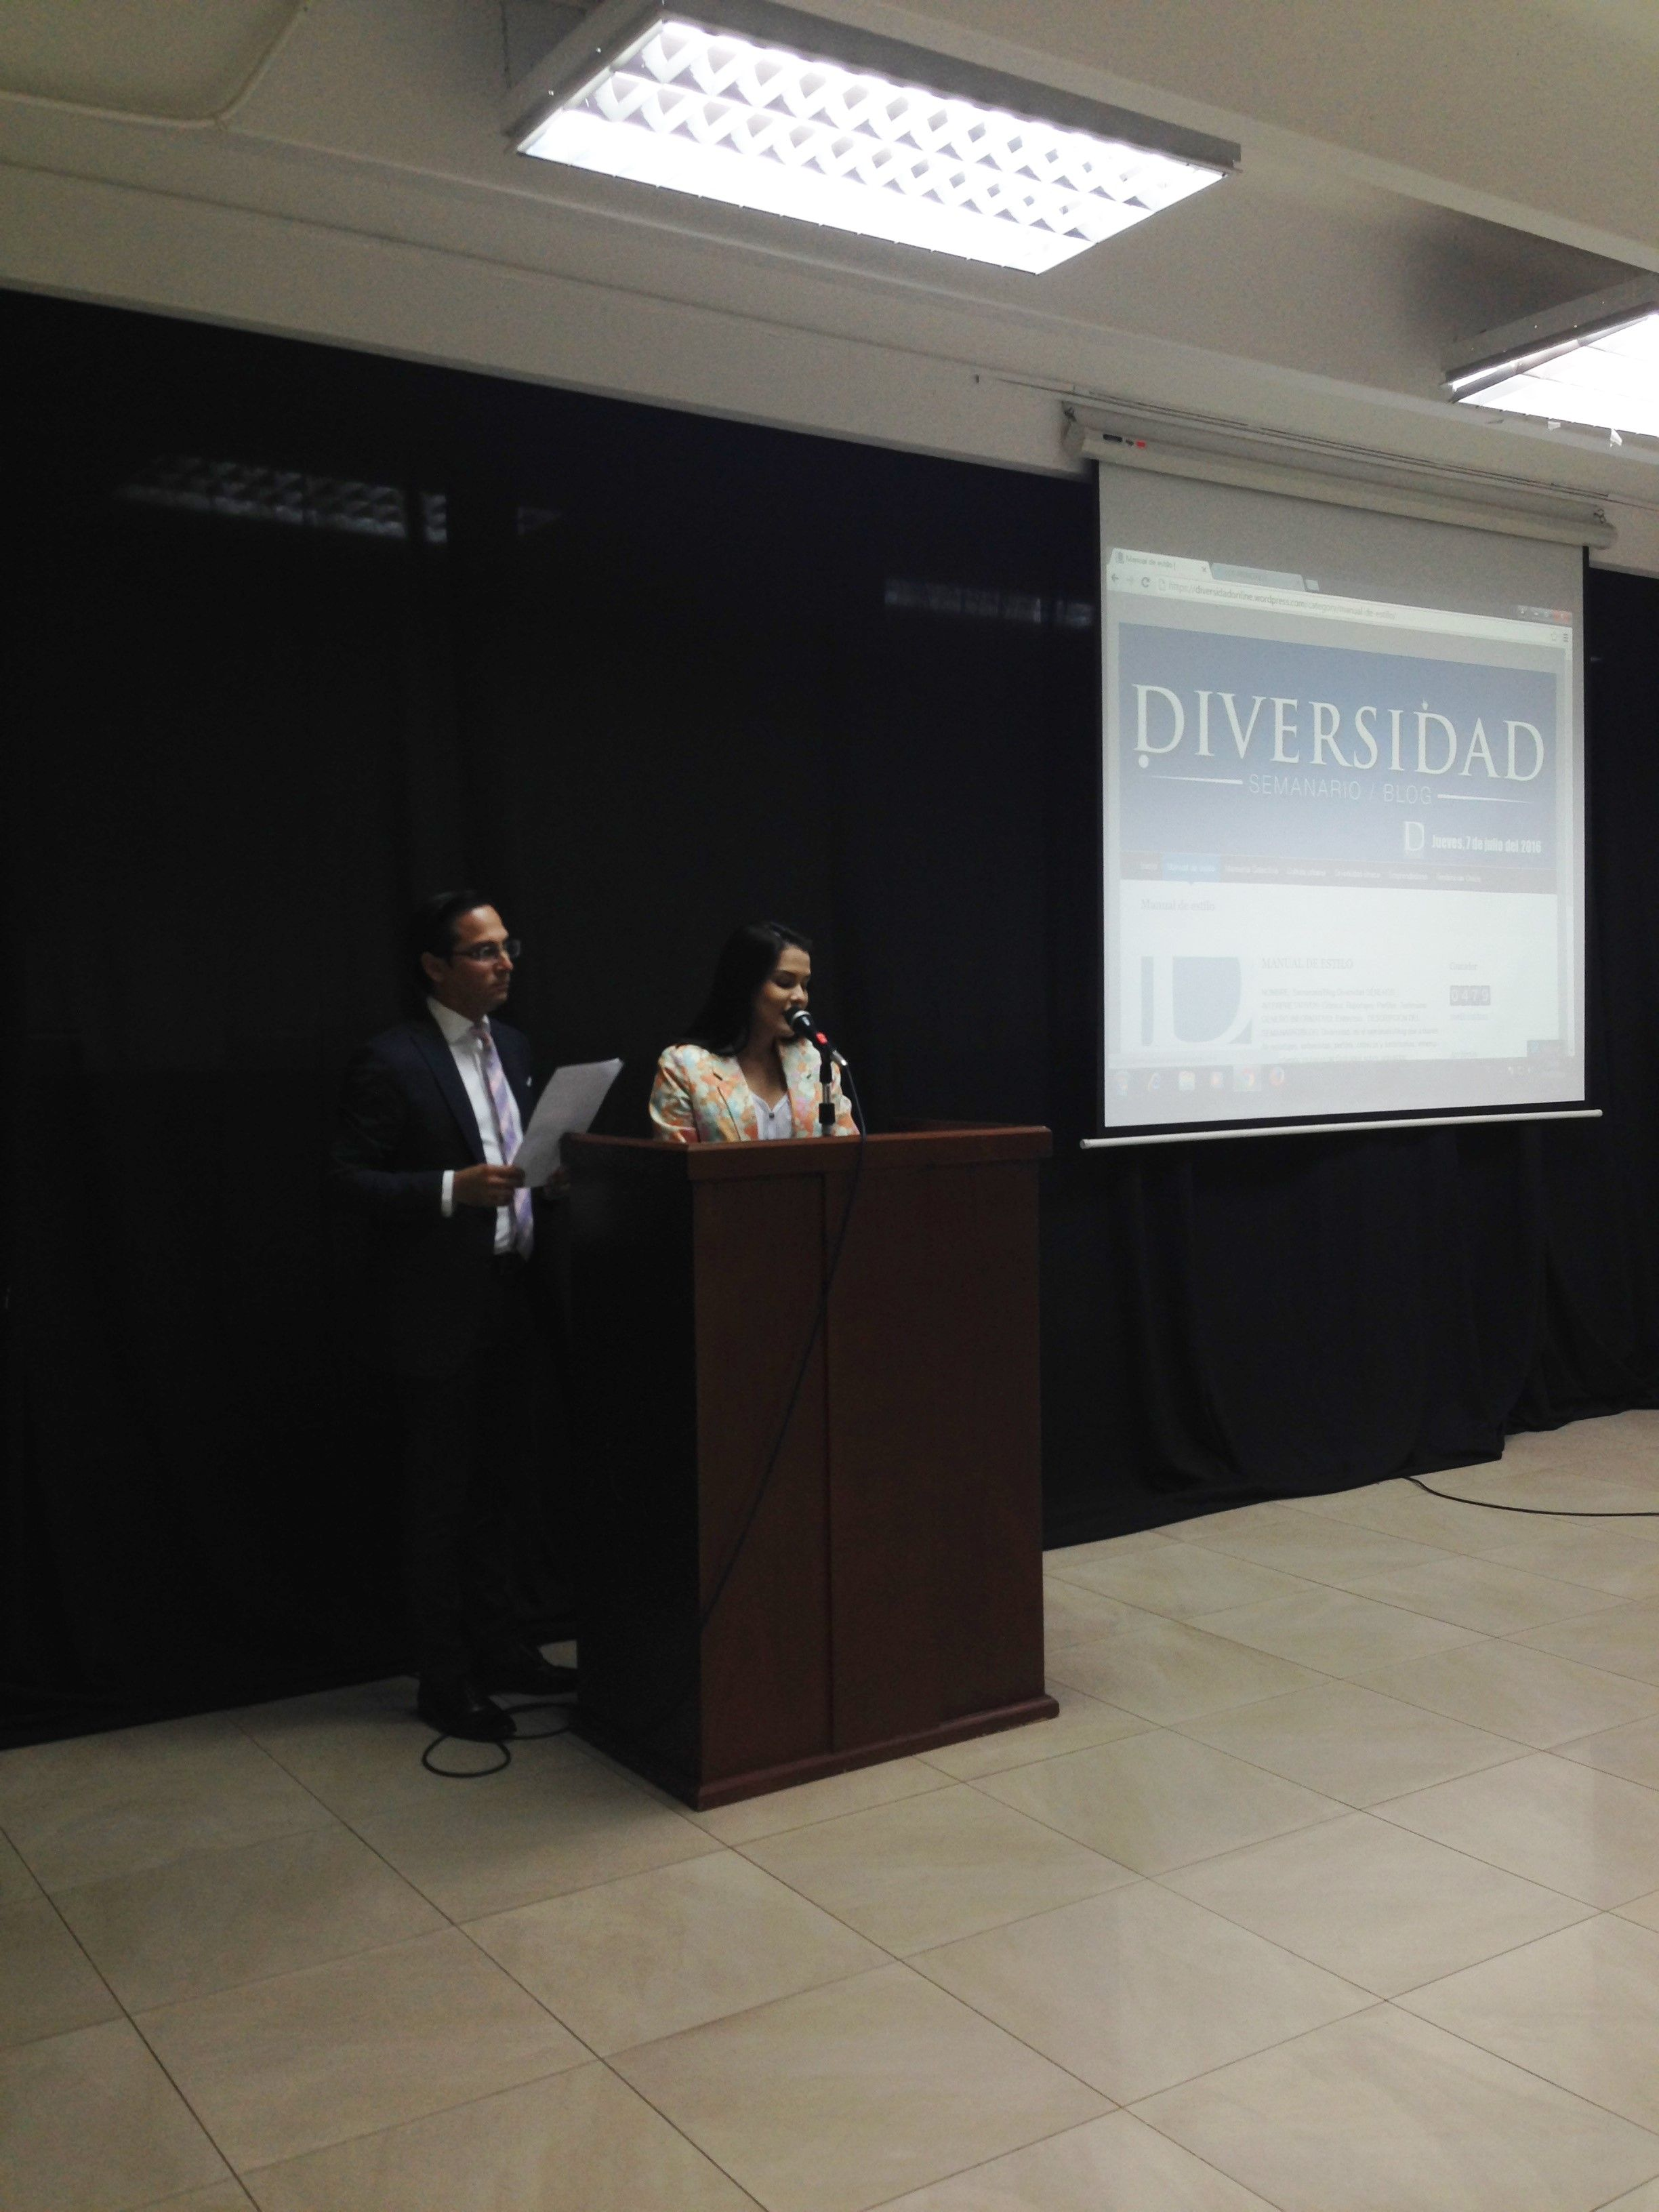 Presentadores del evento, fueron alumnos de la Facultad de Filosofía, estudiantes de la docente Maritza Carvajal. #LosMejoresSiempre #UCSG #BlogDiversidad